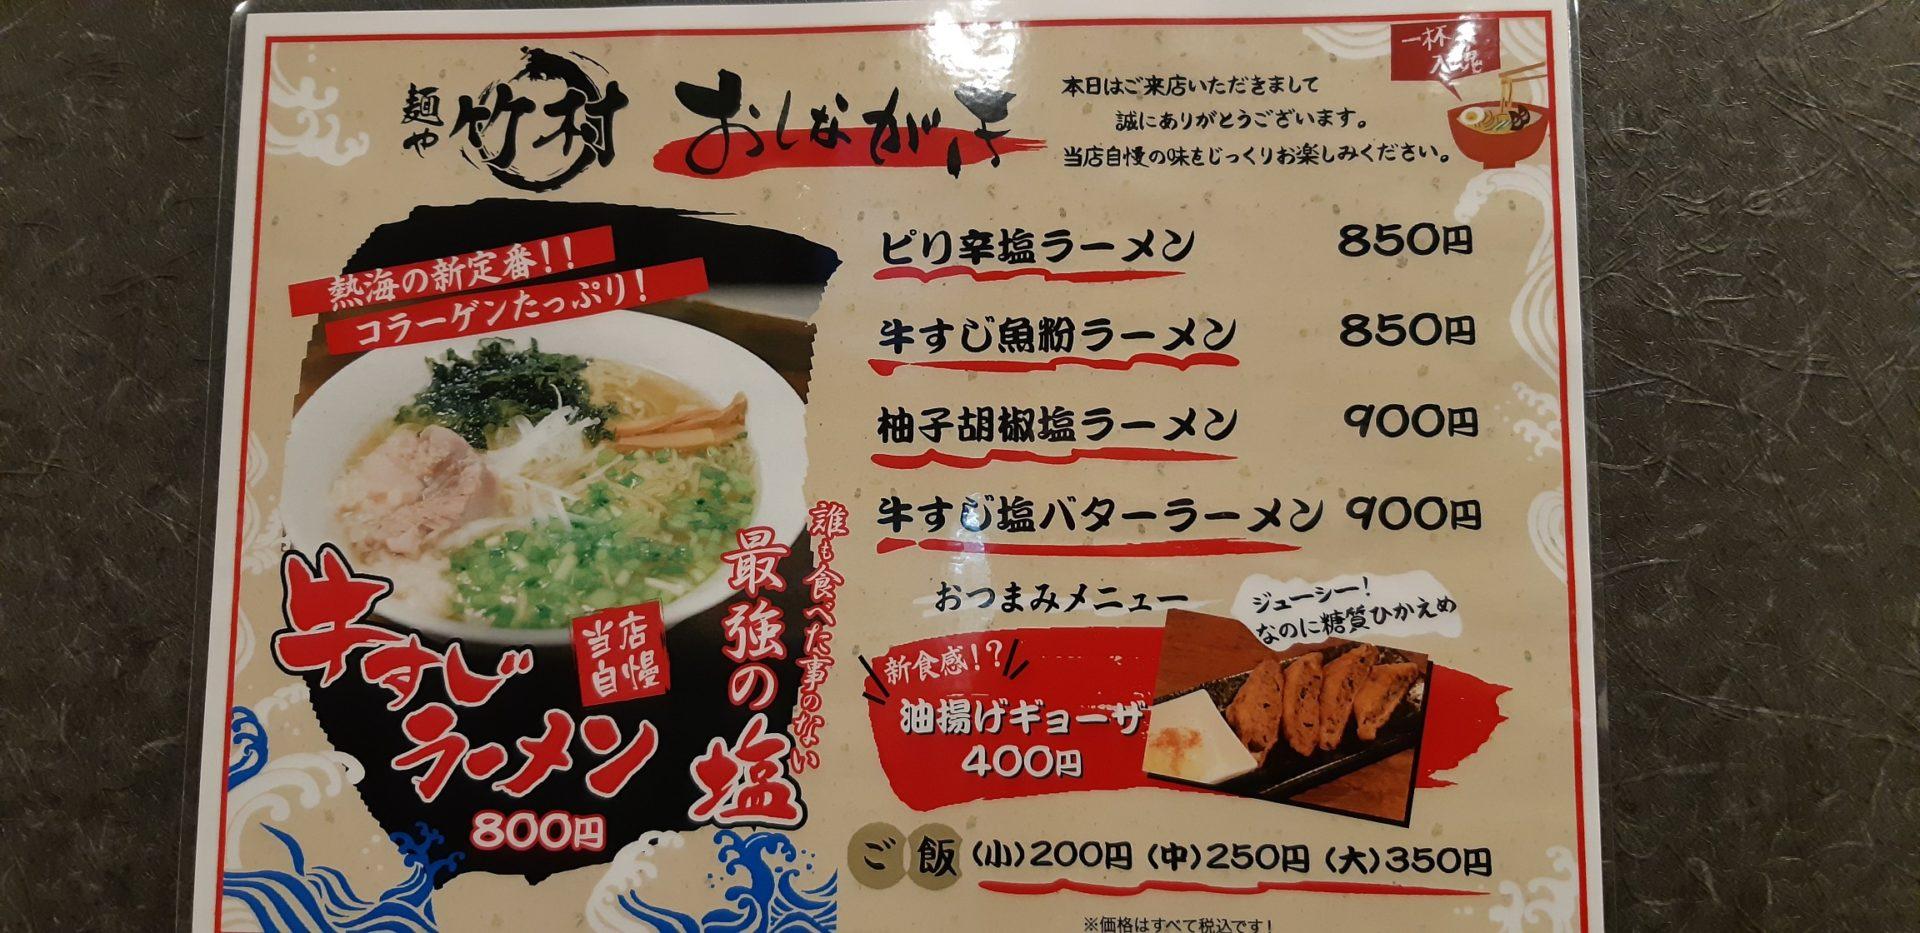 牛すじラーメンのお店『麺や 竹村』がオープンしたので、早速に・・・